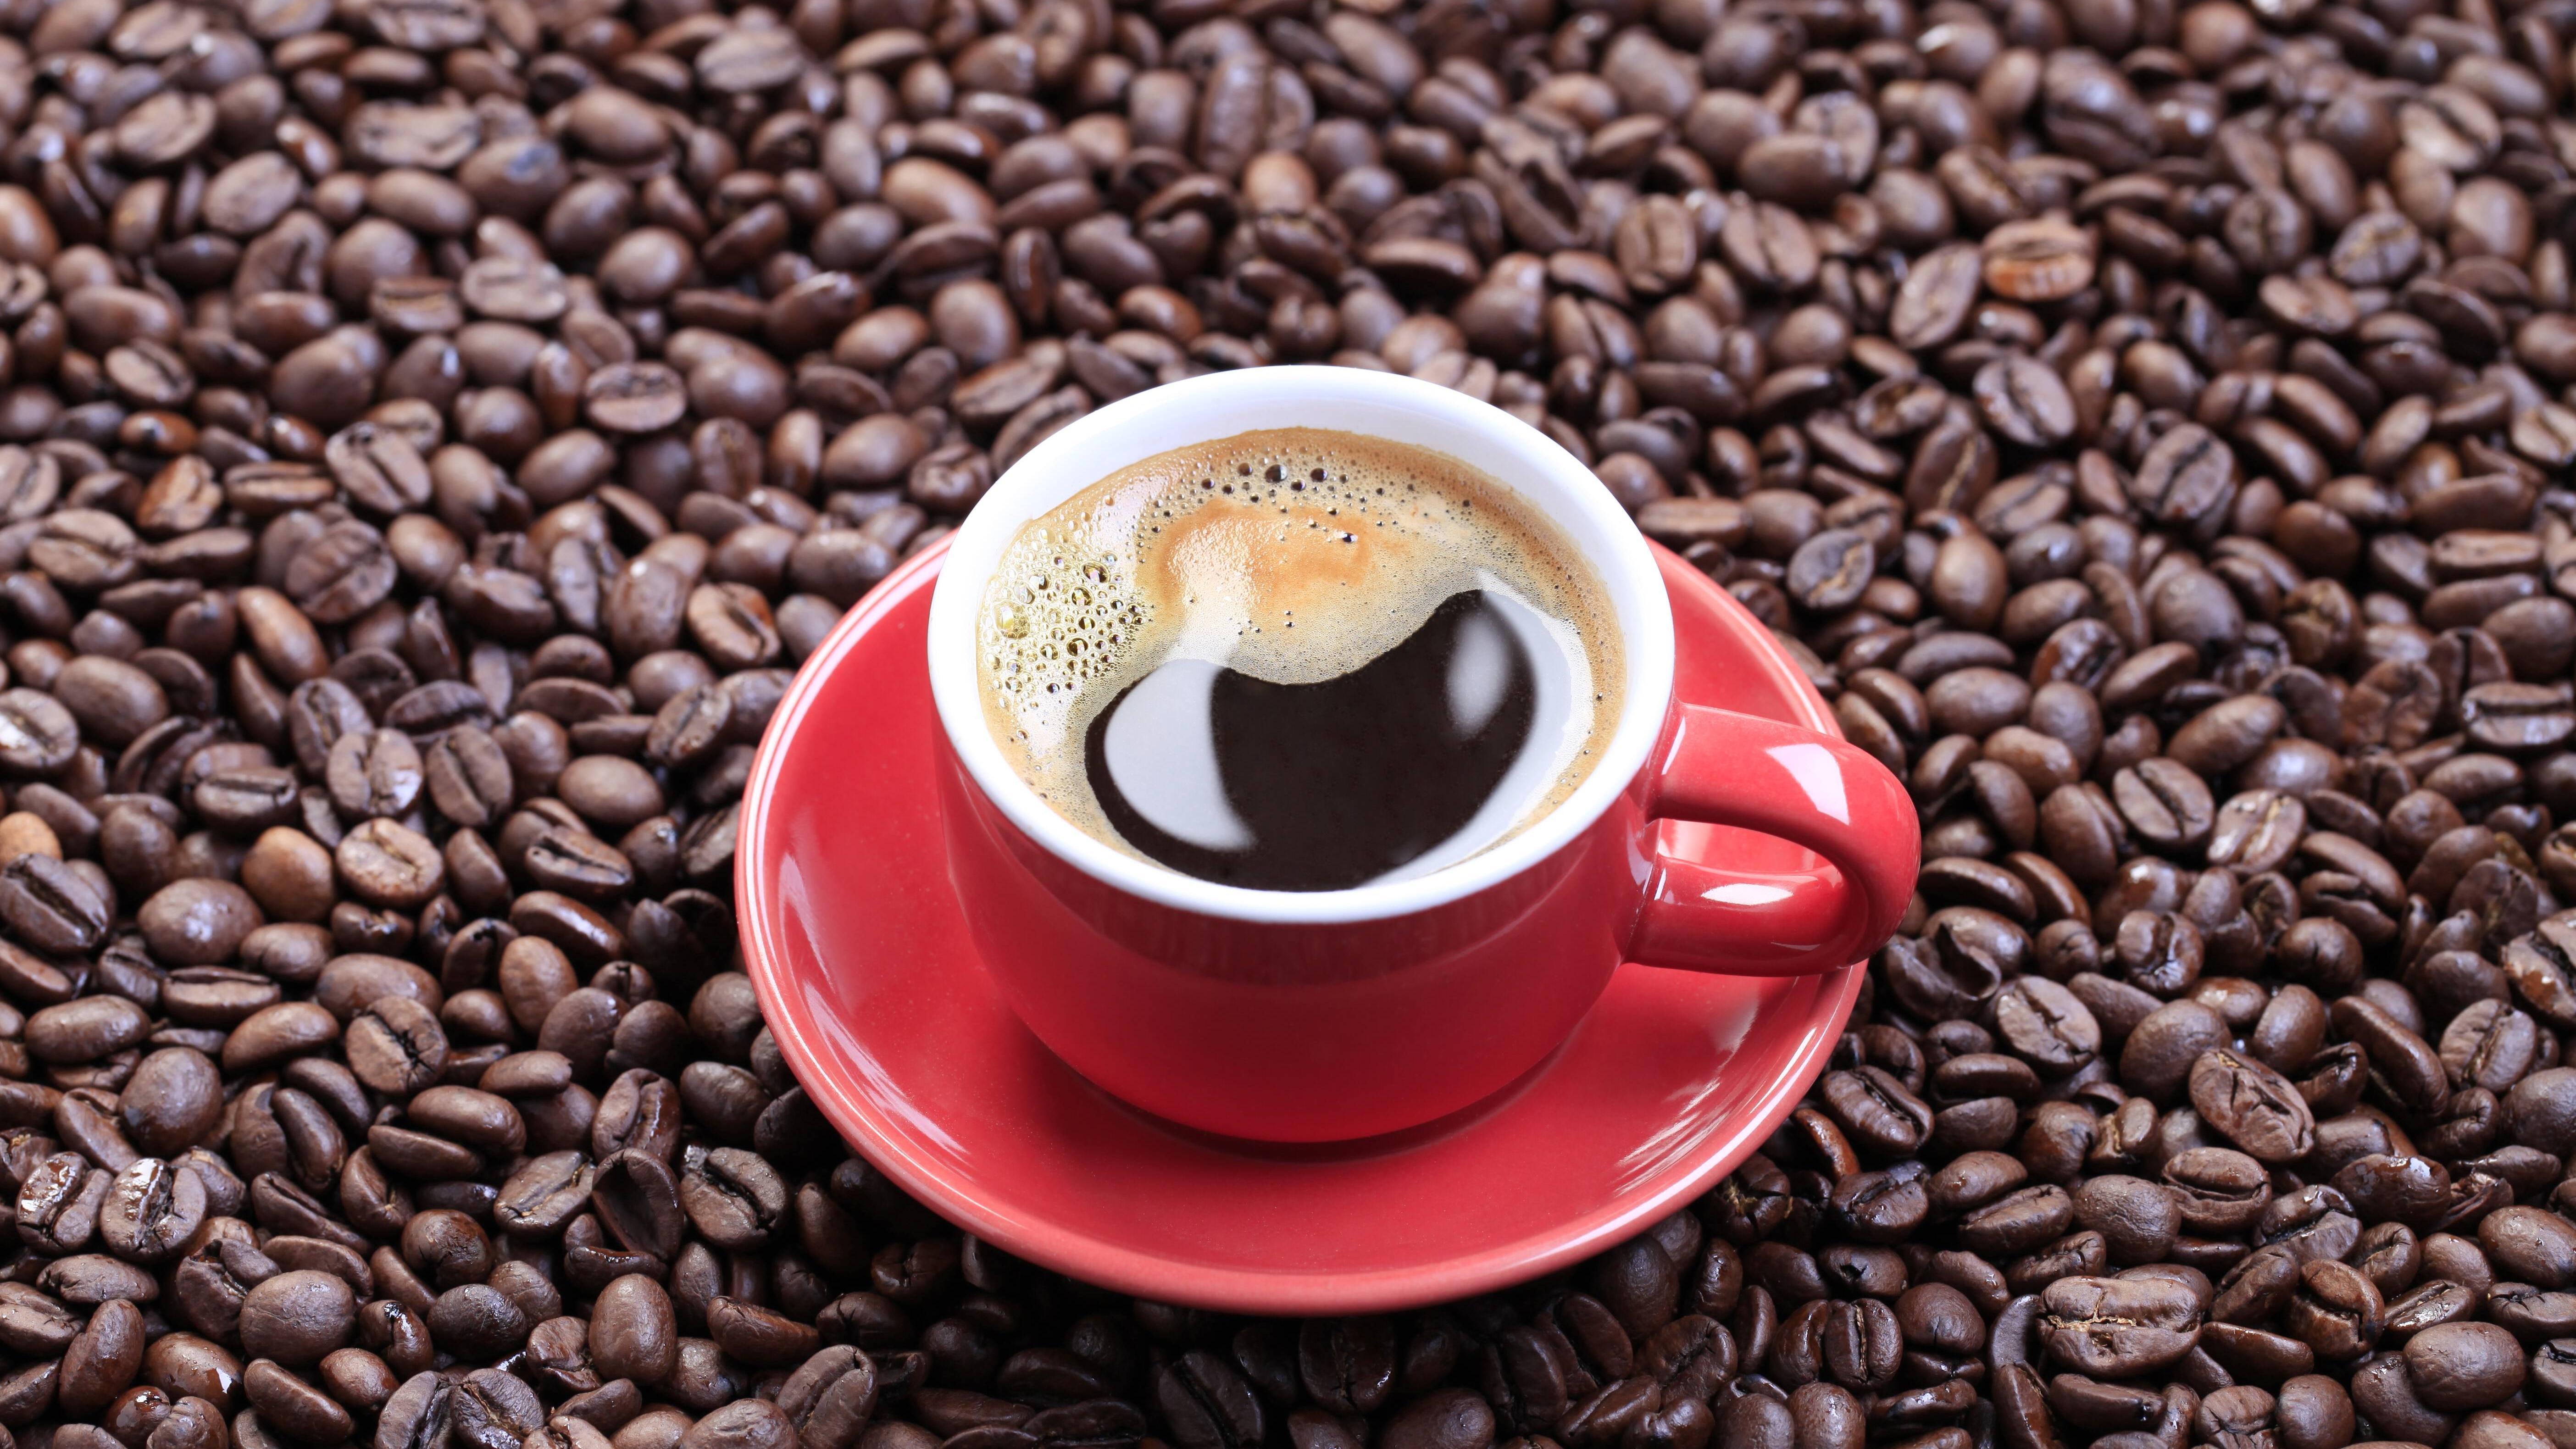 Kaffee basisch machen - so geht's